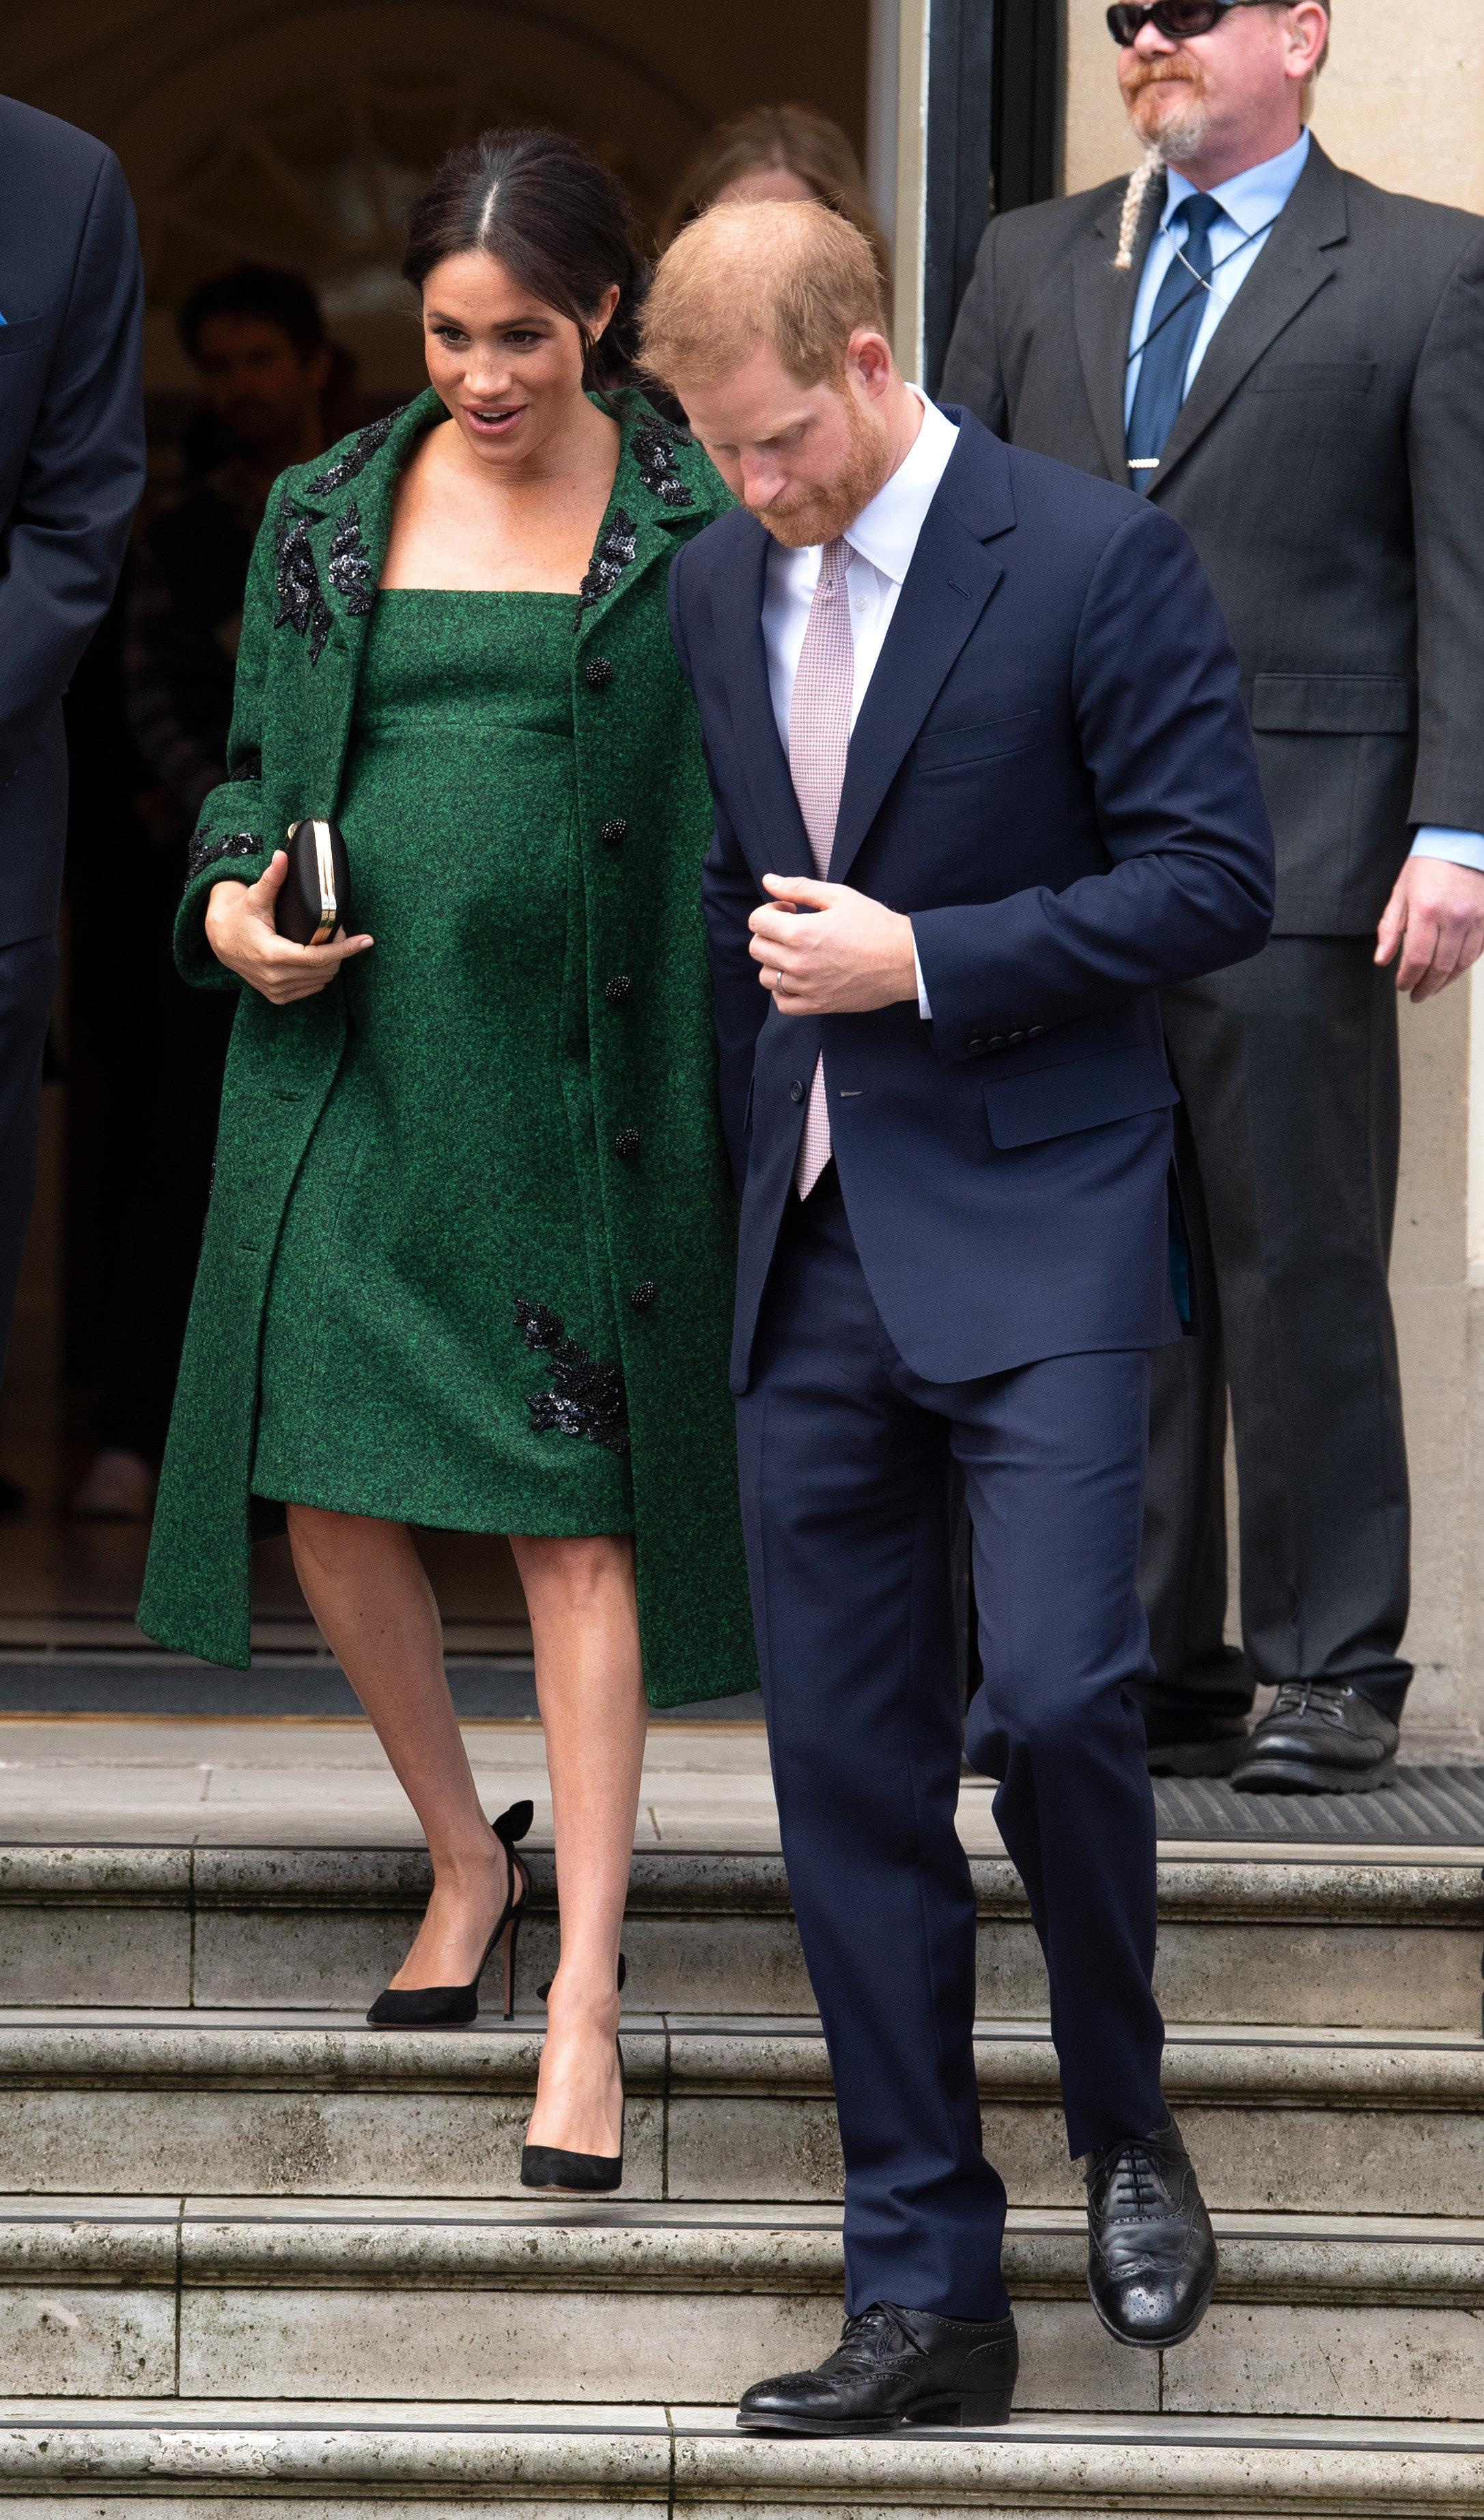 메건과 해리 영국 왕족 부부가 뱃속 아이의 미국 세금을 걱정하는